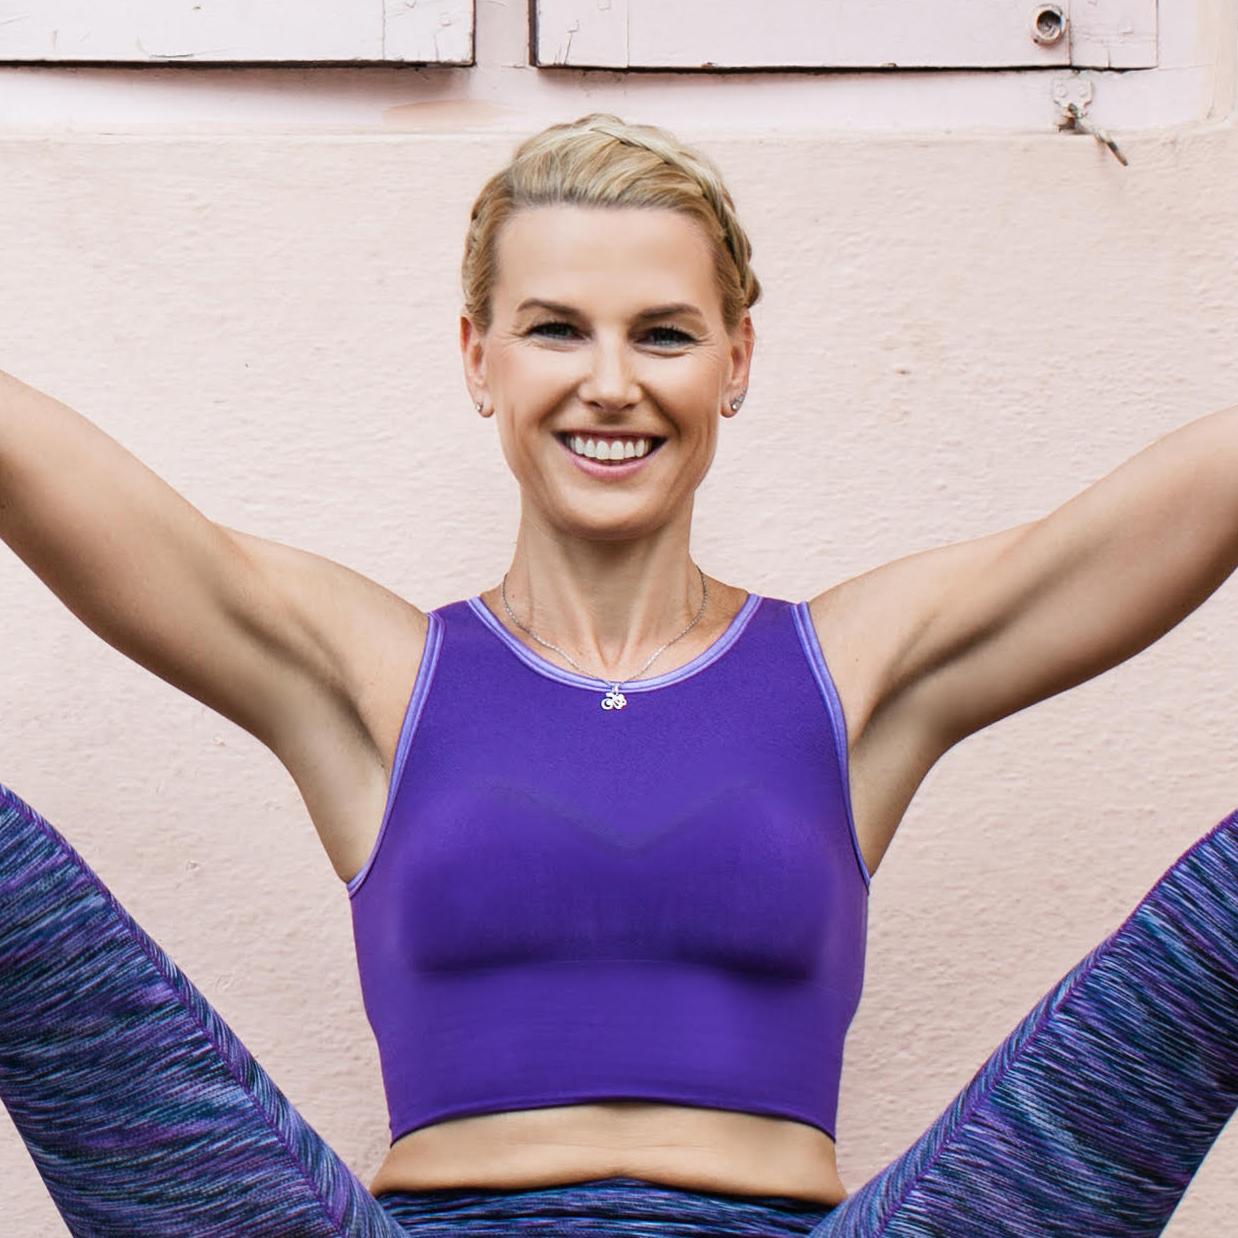 Vibeke Klemetsen smilende til kamera i yogapositur